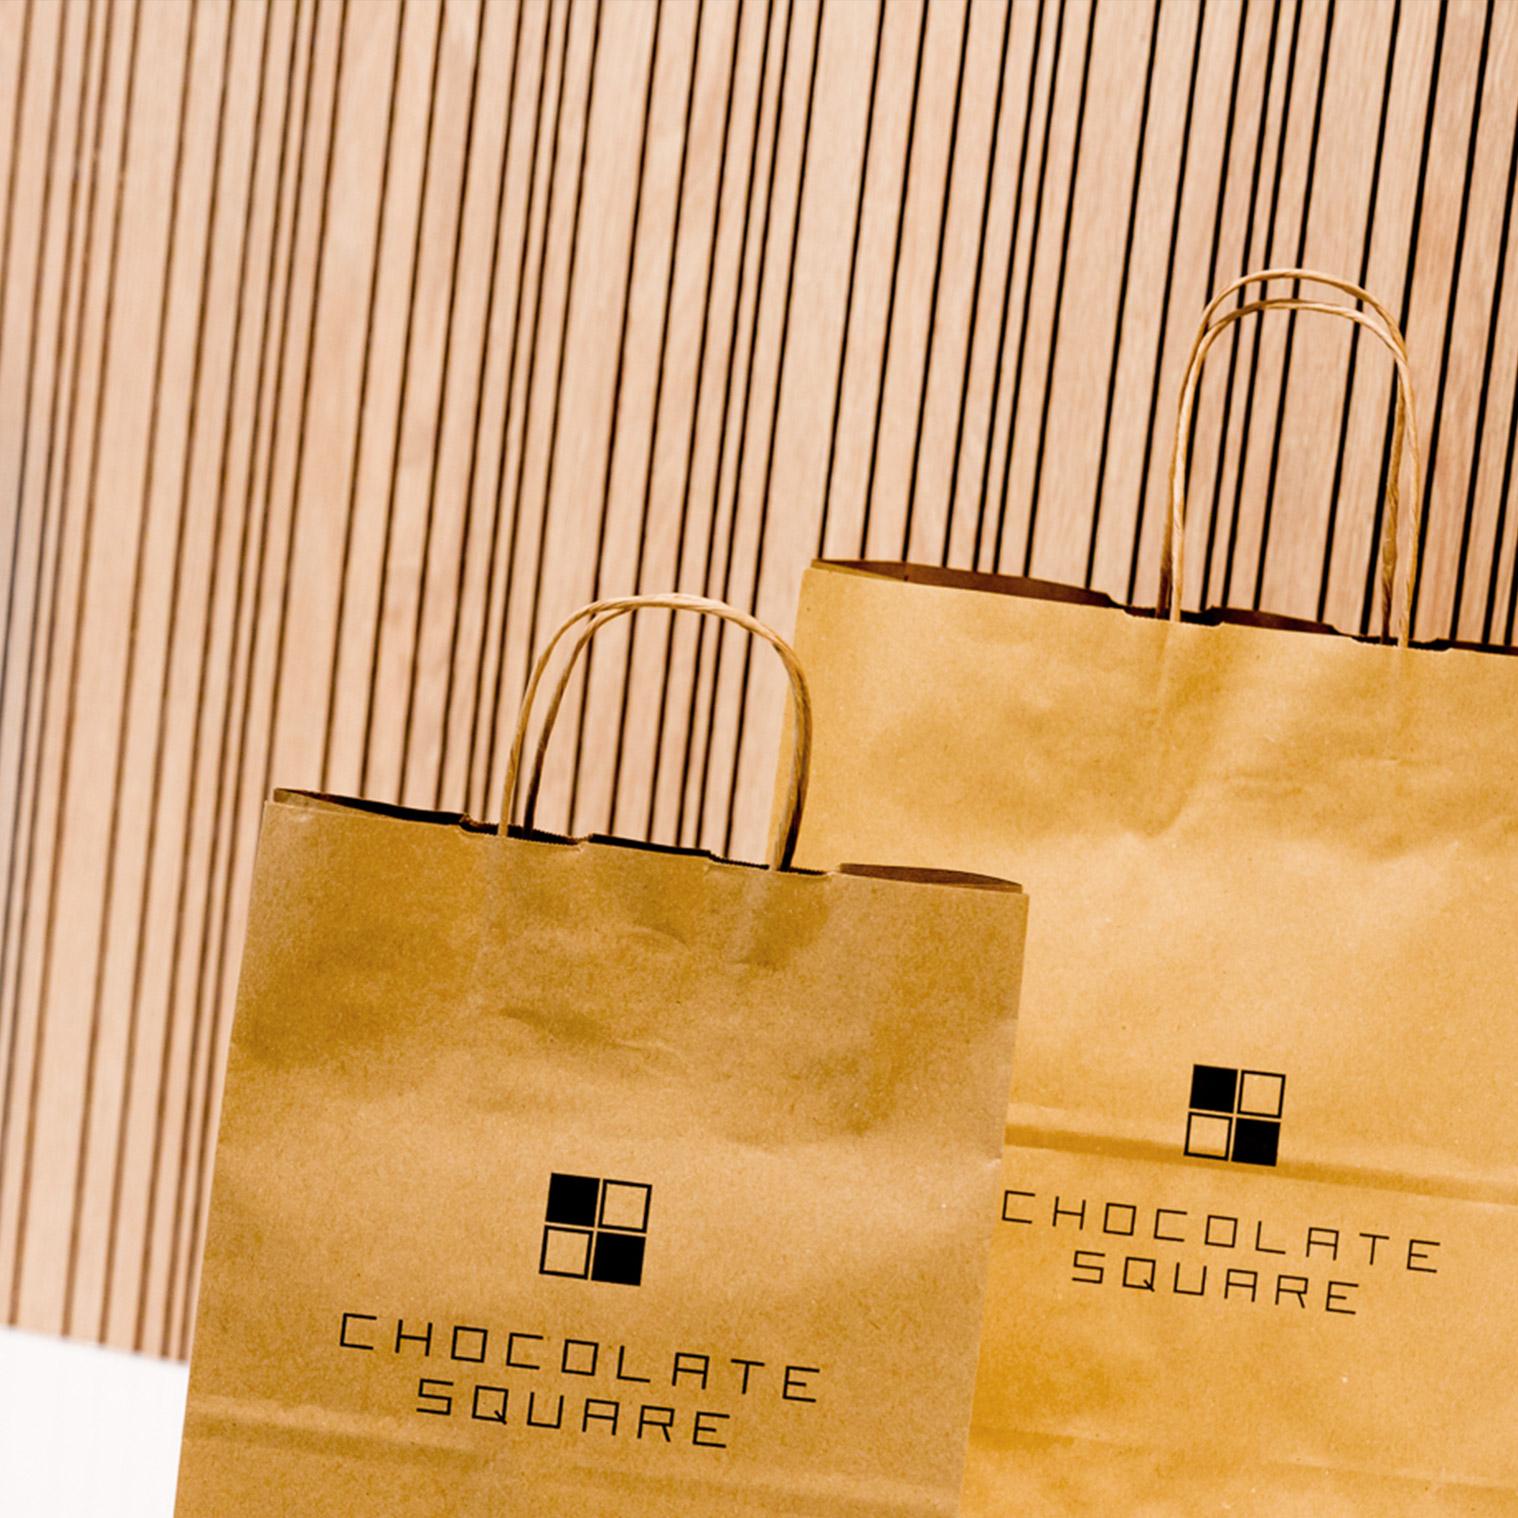 10-ChocolateSquare-08c